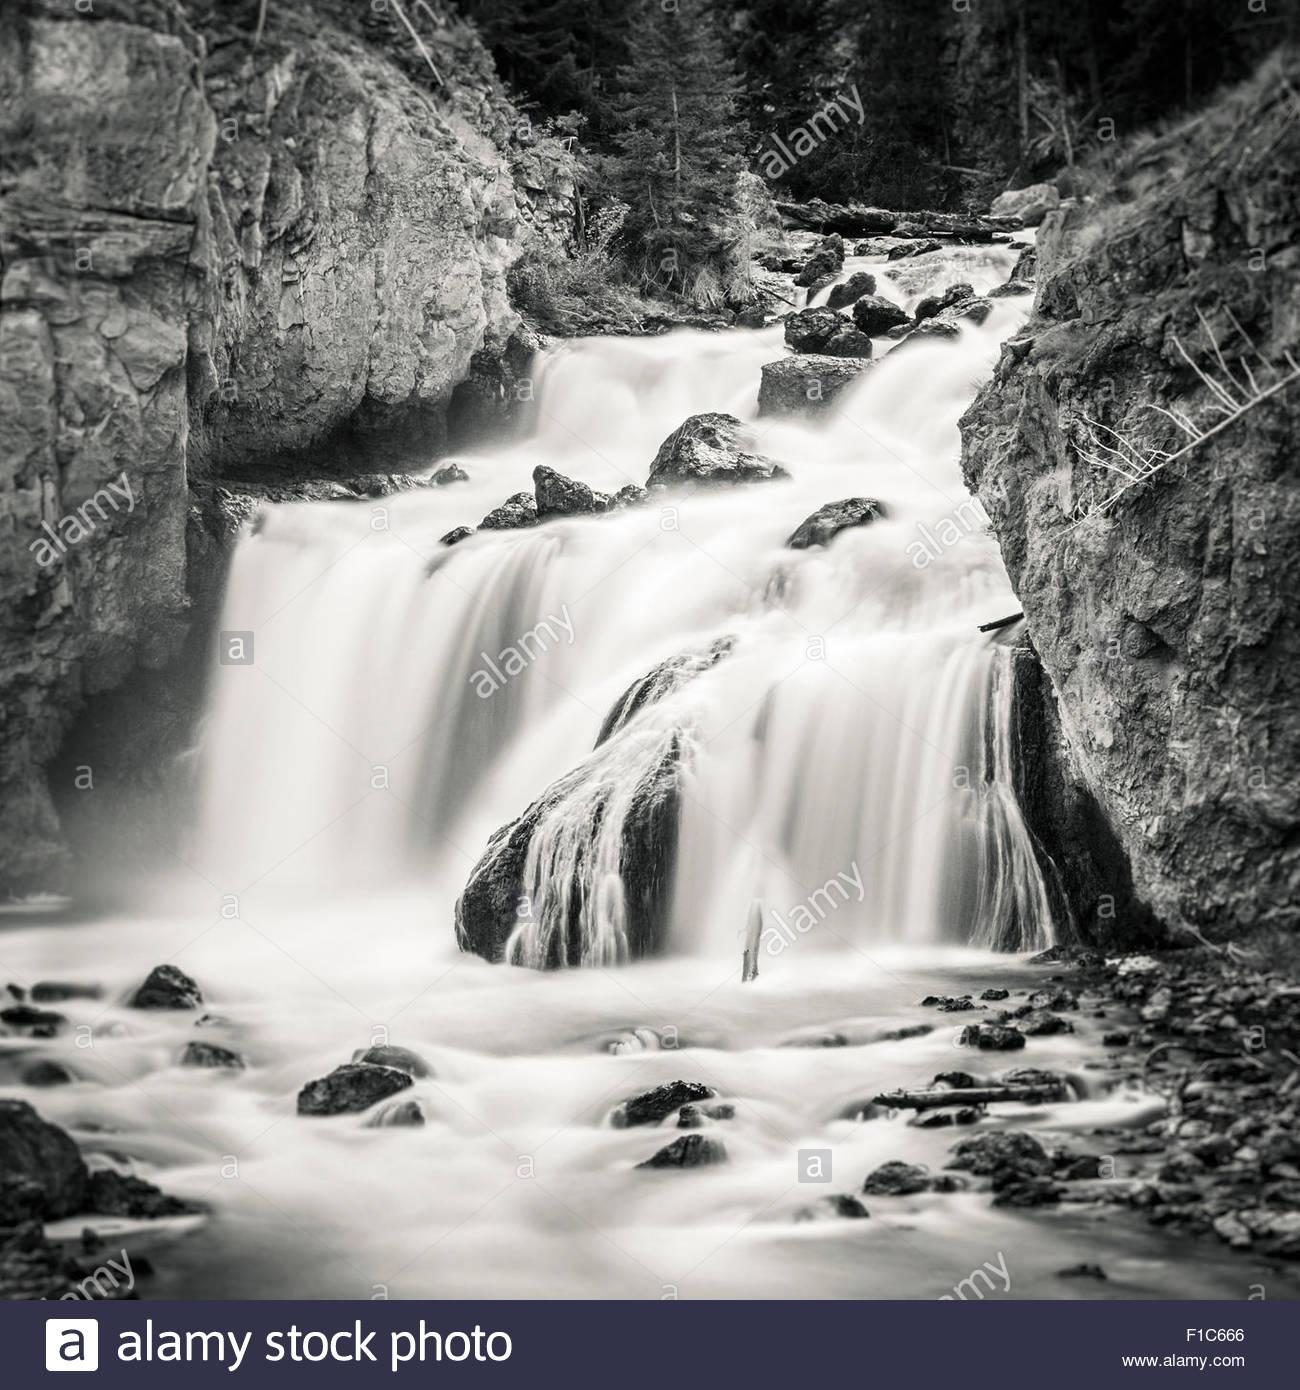 Firehole Falls, Yellowstone National Park, Wyoming, United States - Stock Image